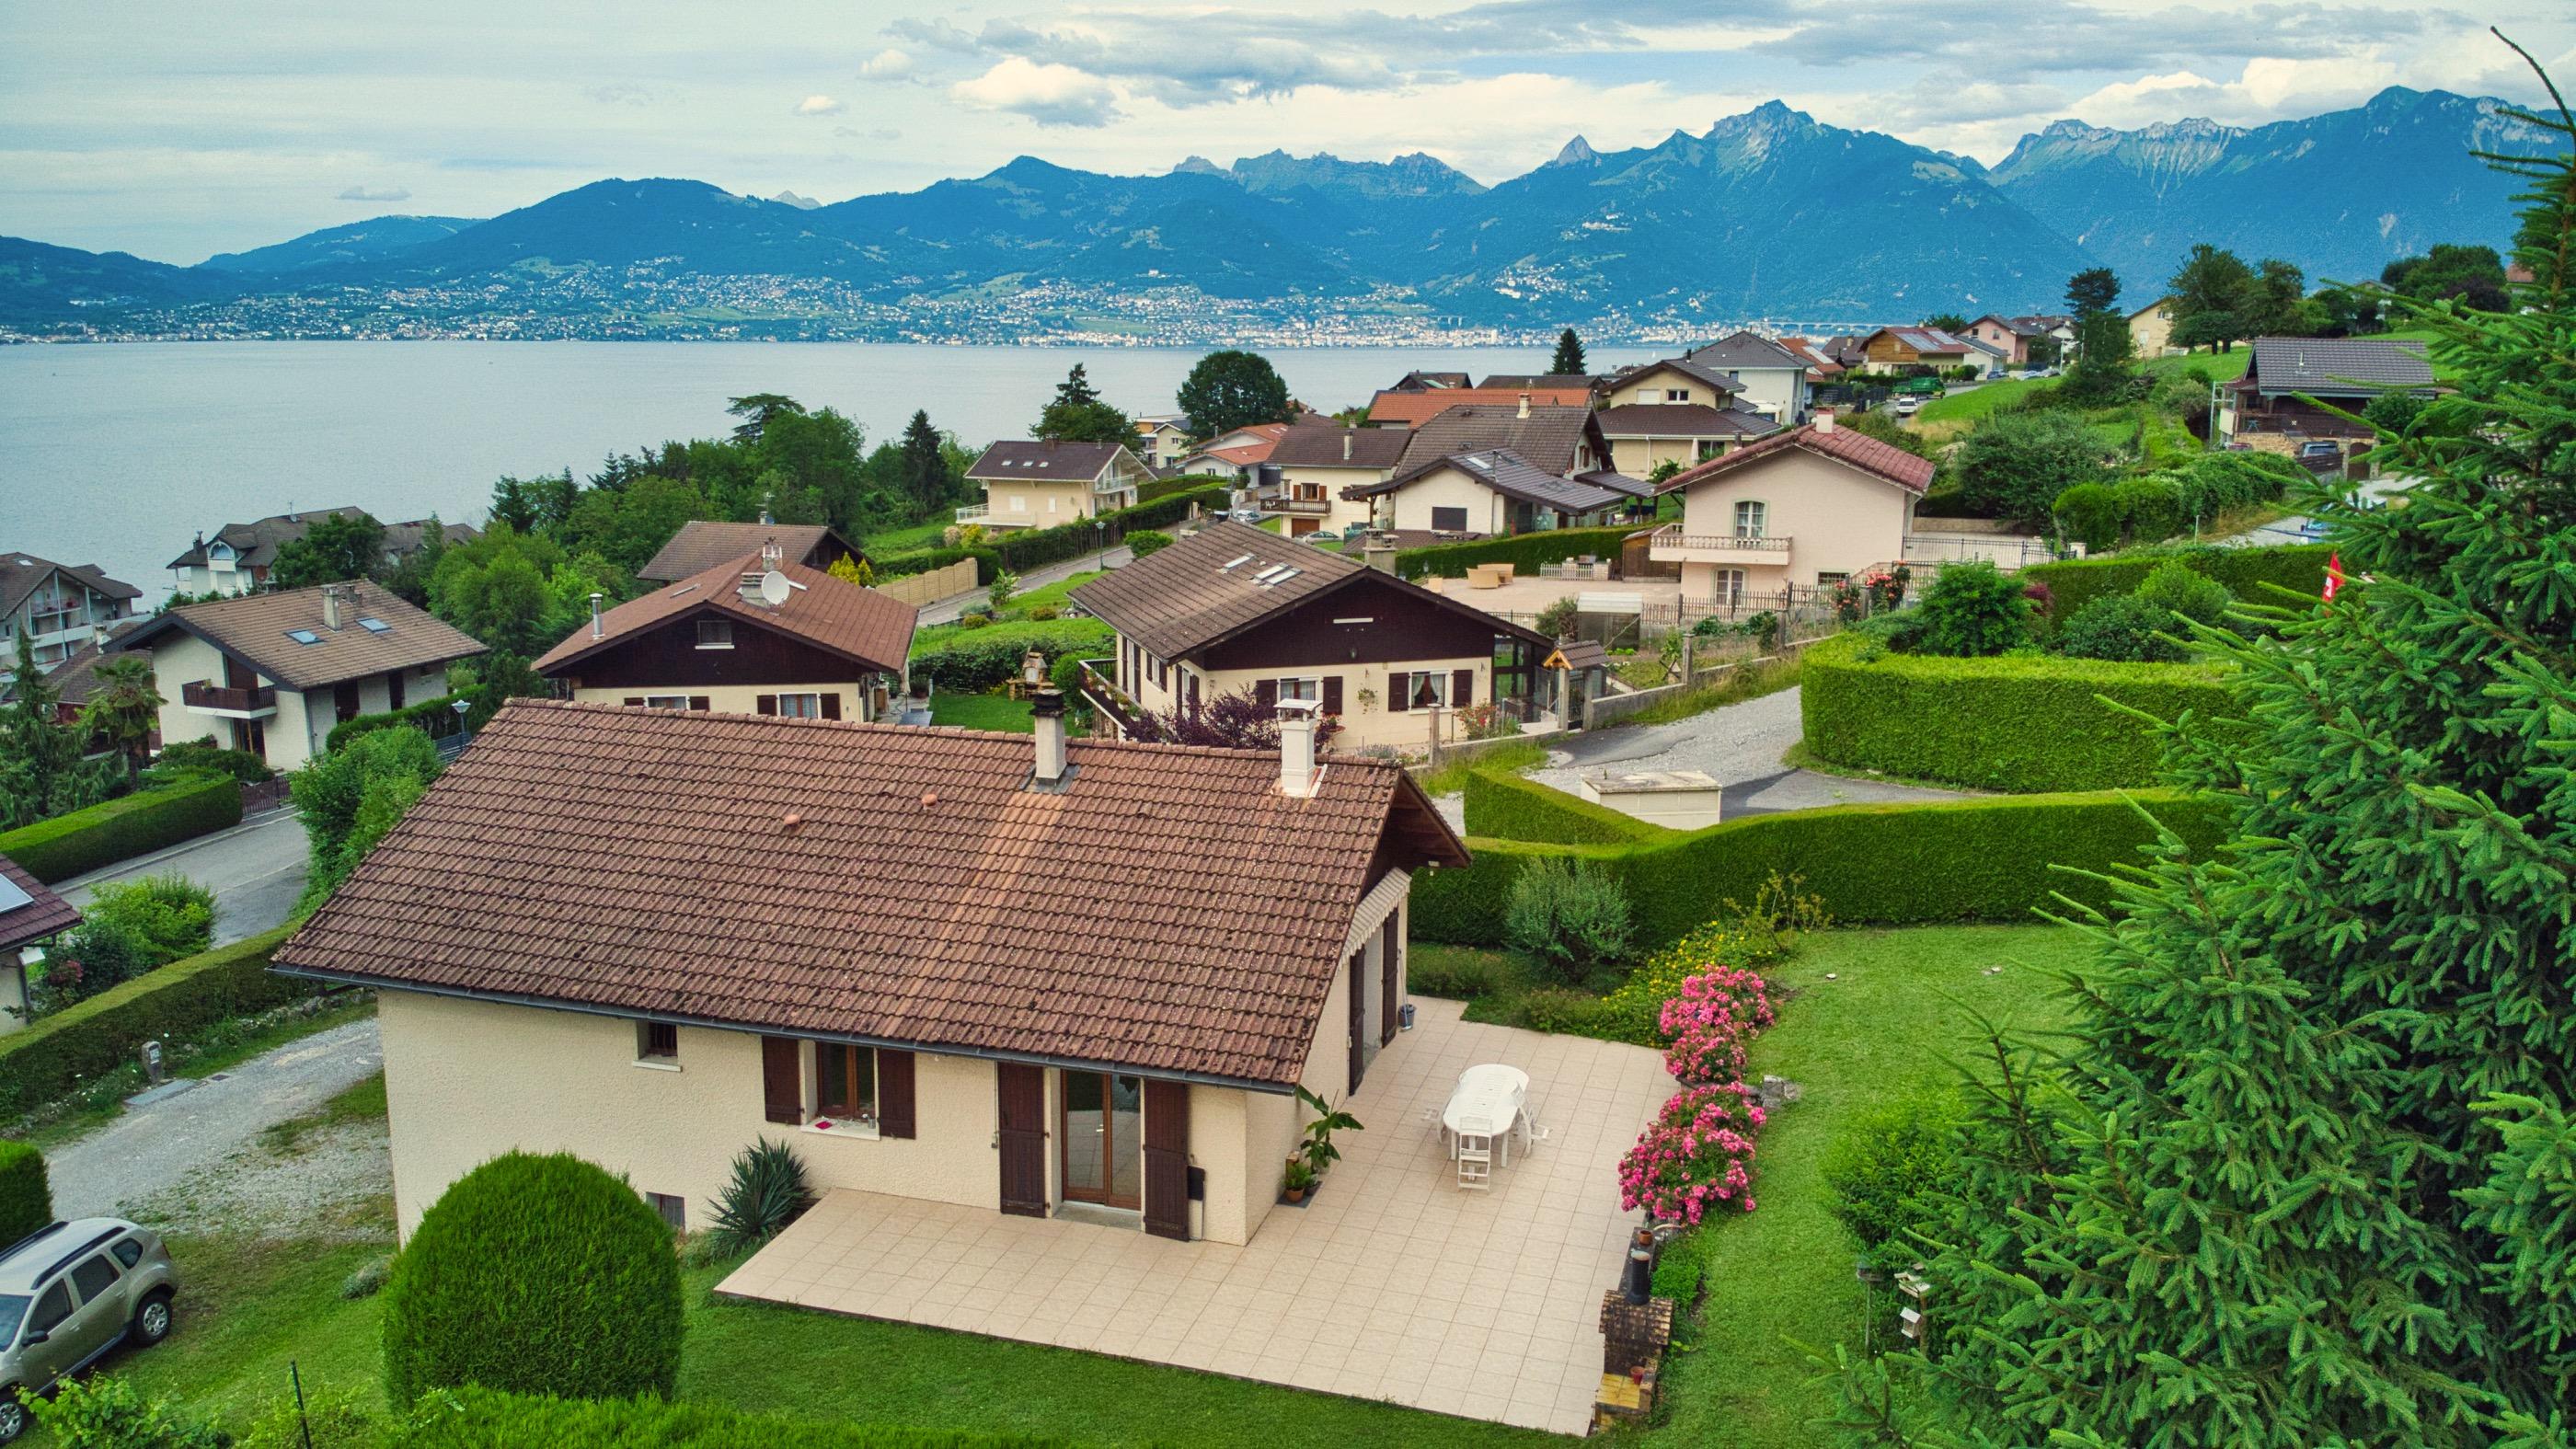 купить недвижимость на женевском озере франция